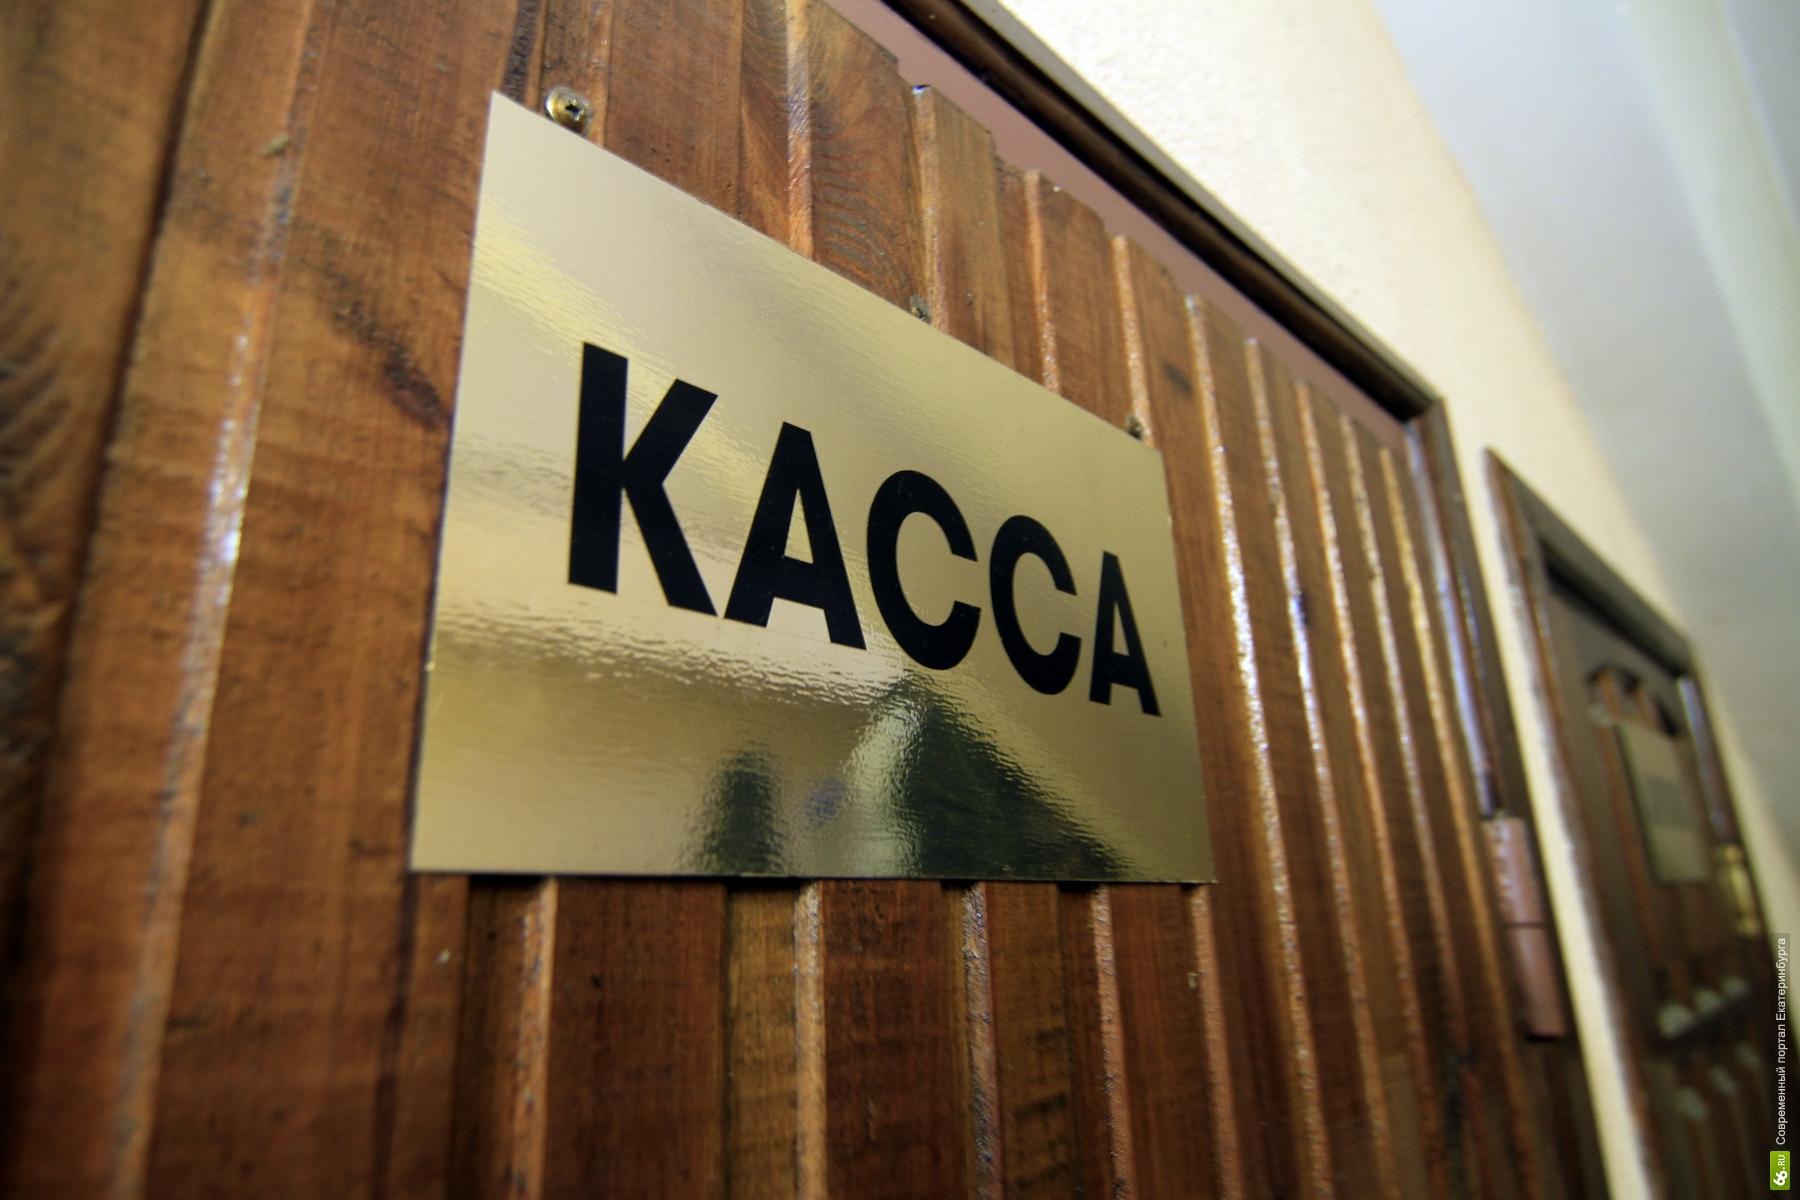 В Качканаре завели «уголовку» на бизнесмена, не выдававшего зарплаты